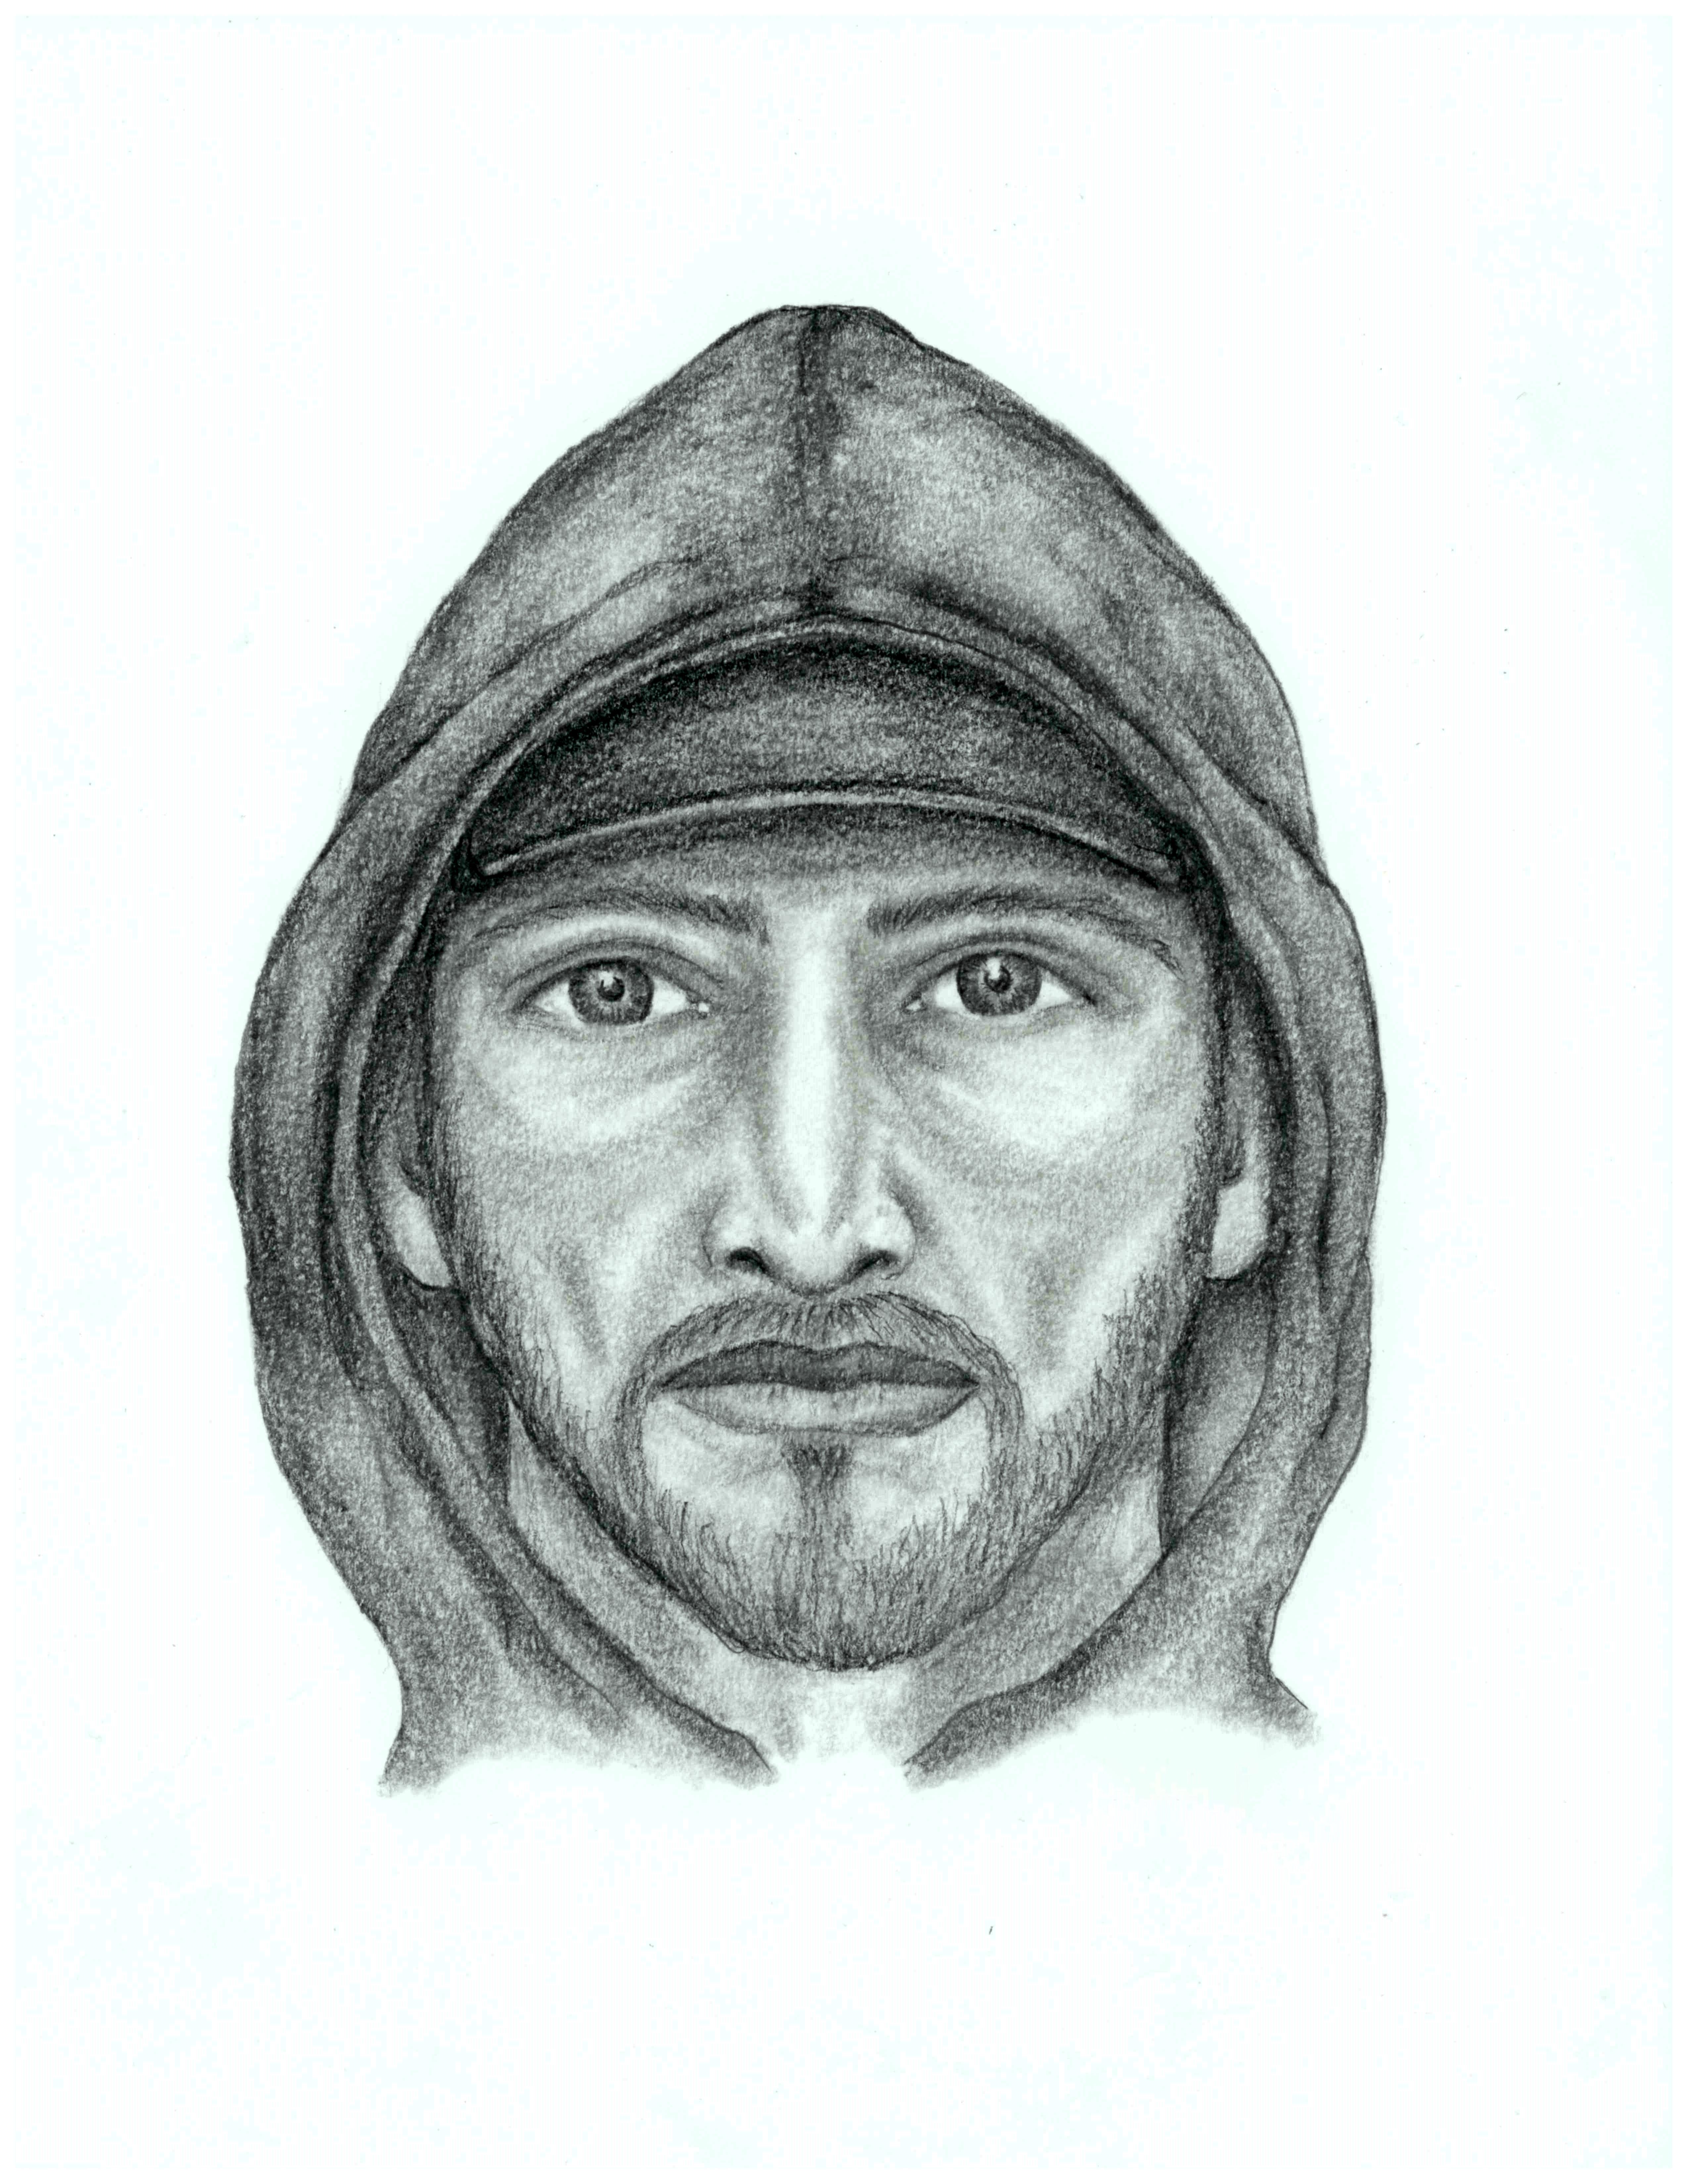 Help identify assault suspect